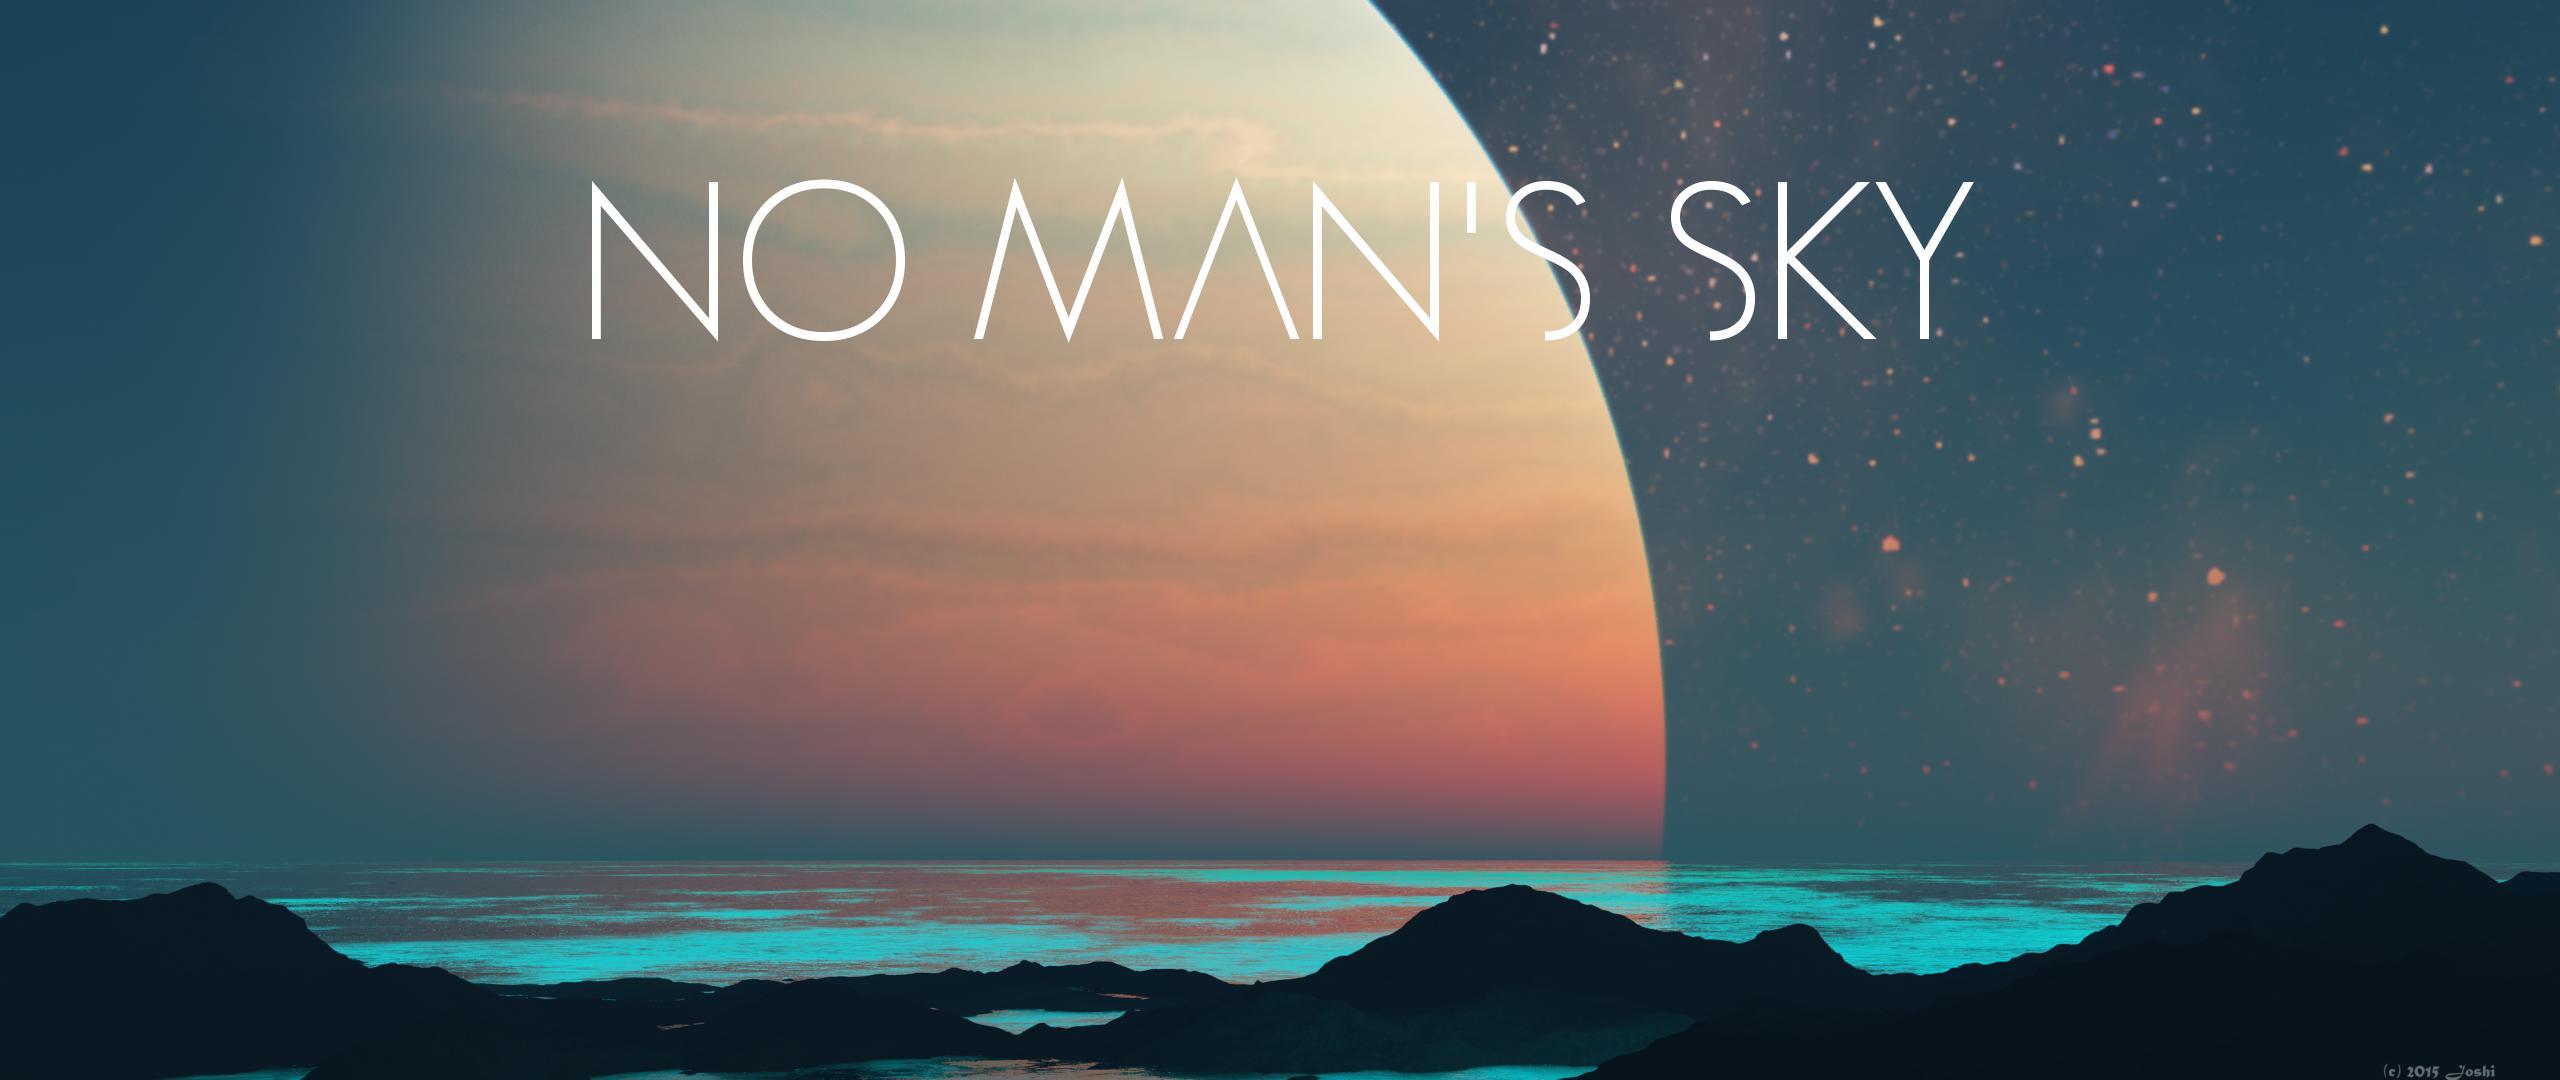 No Man S Sky 4k Wallpaper: No Man's Sky Dual Monitor Wallpaper 2560x1080